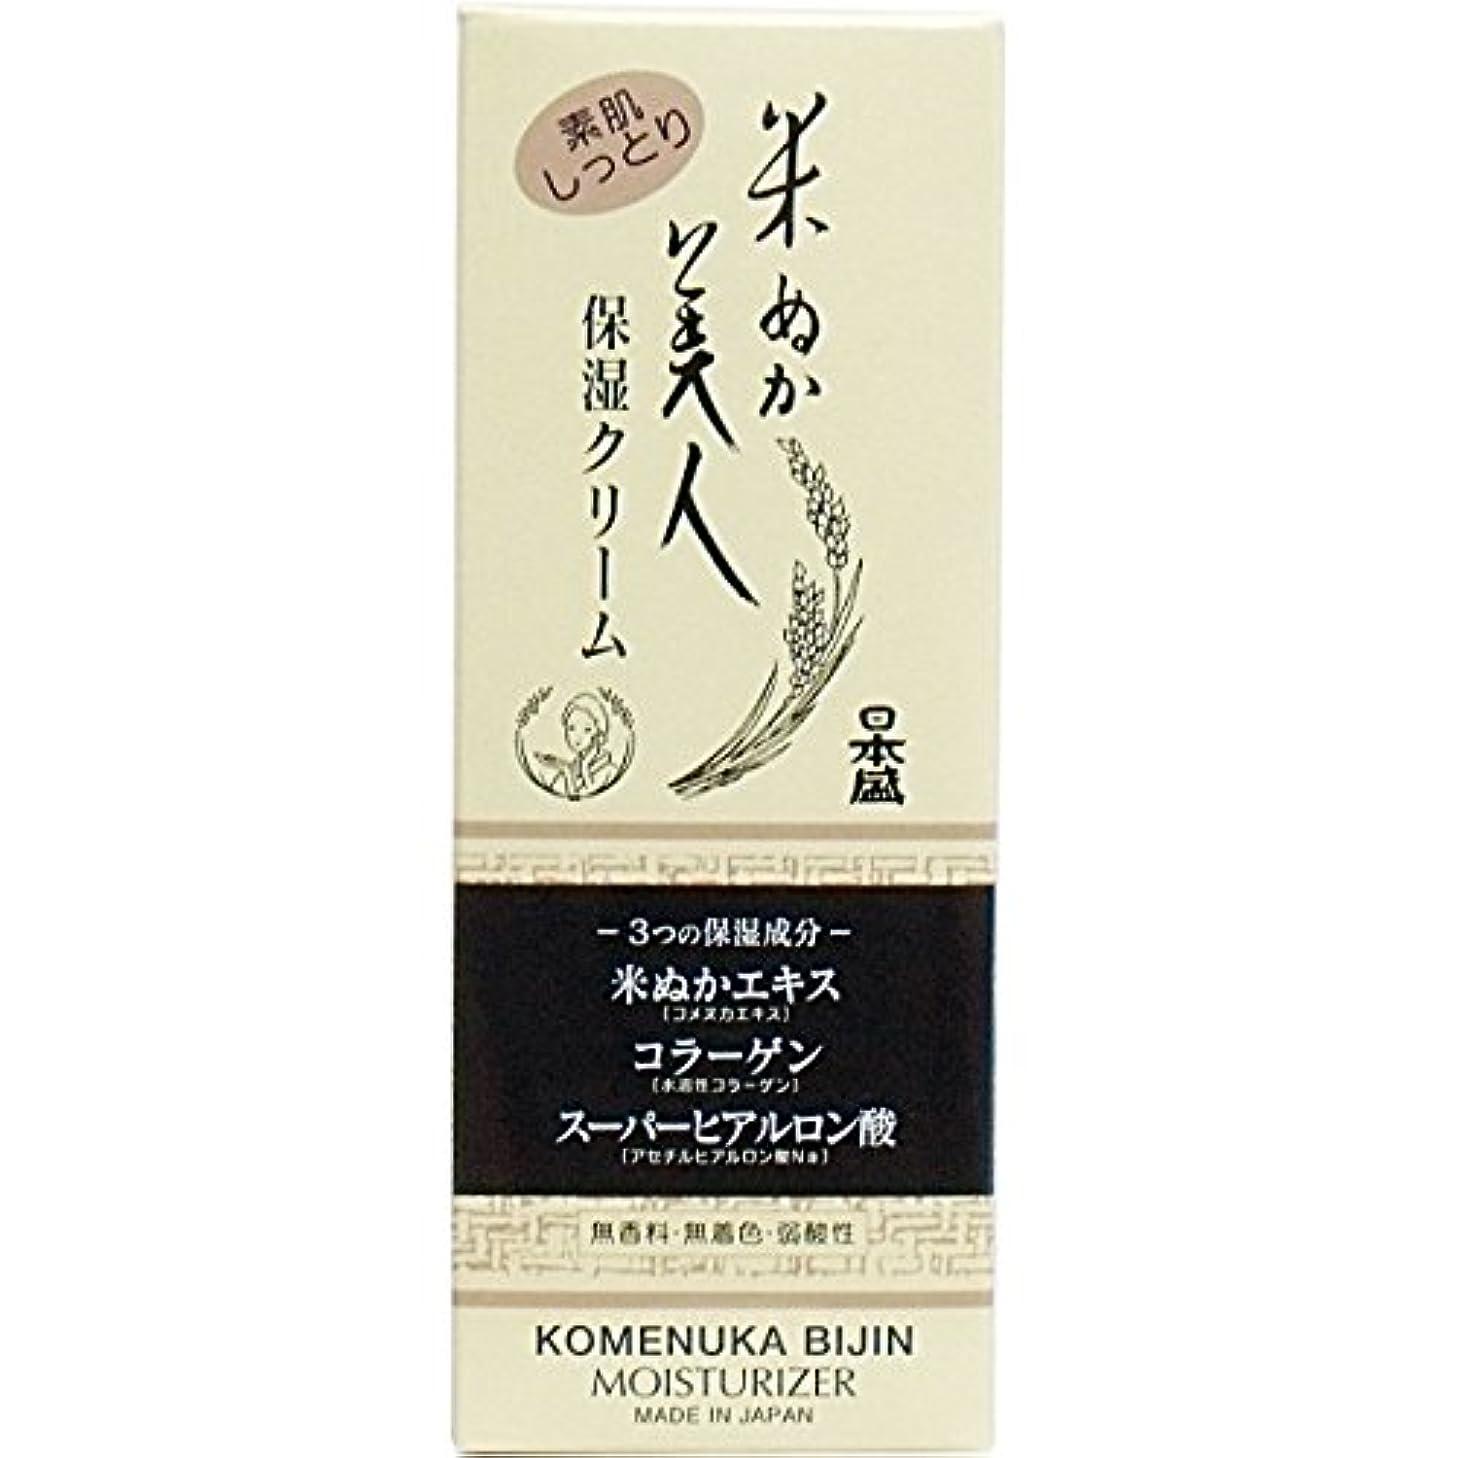 既に星後【日本盛】米ぬか美人 保湿クリーム 35g